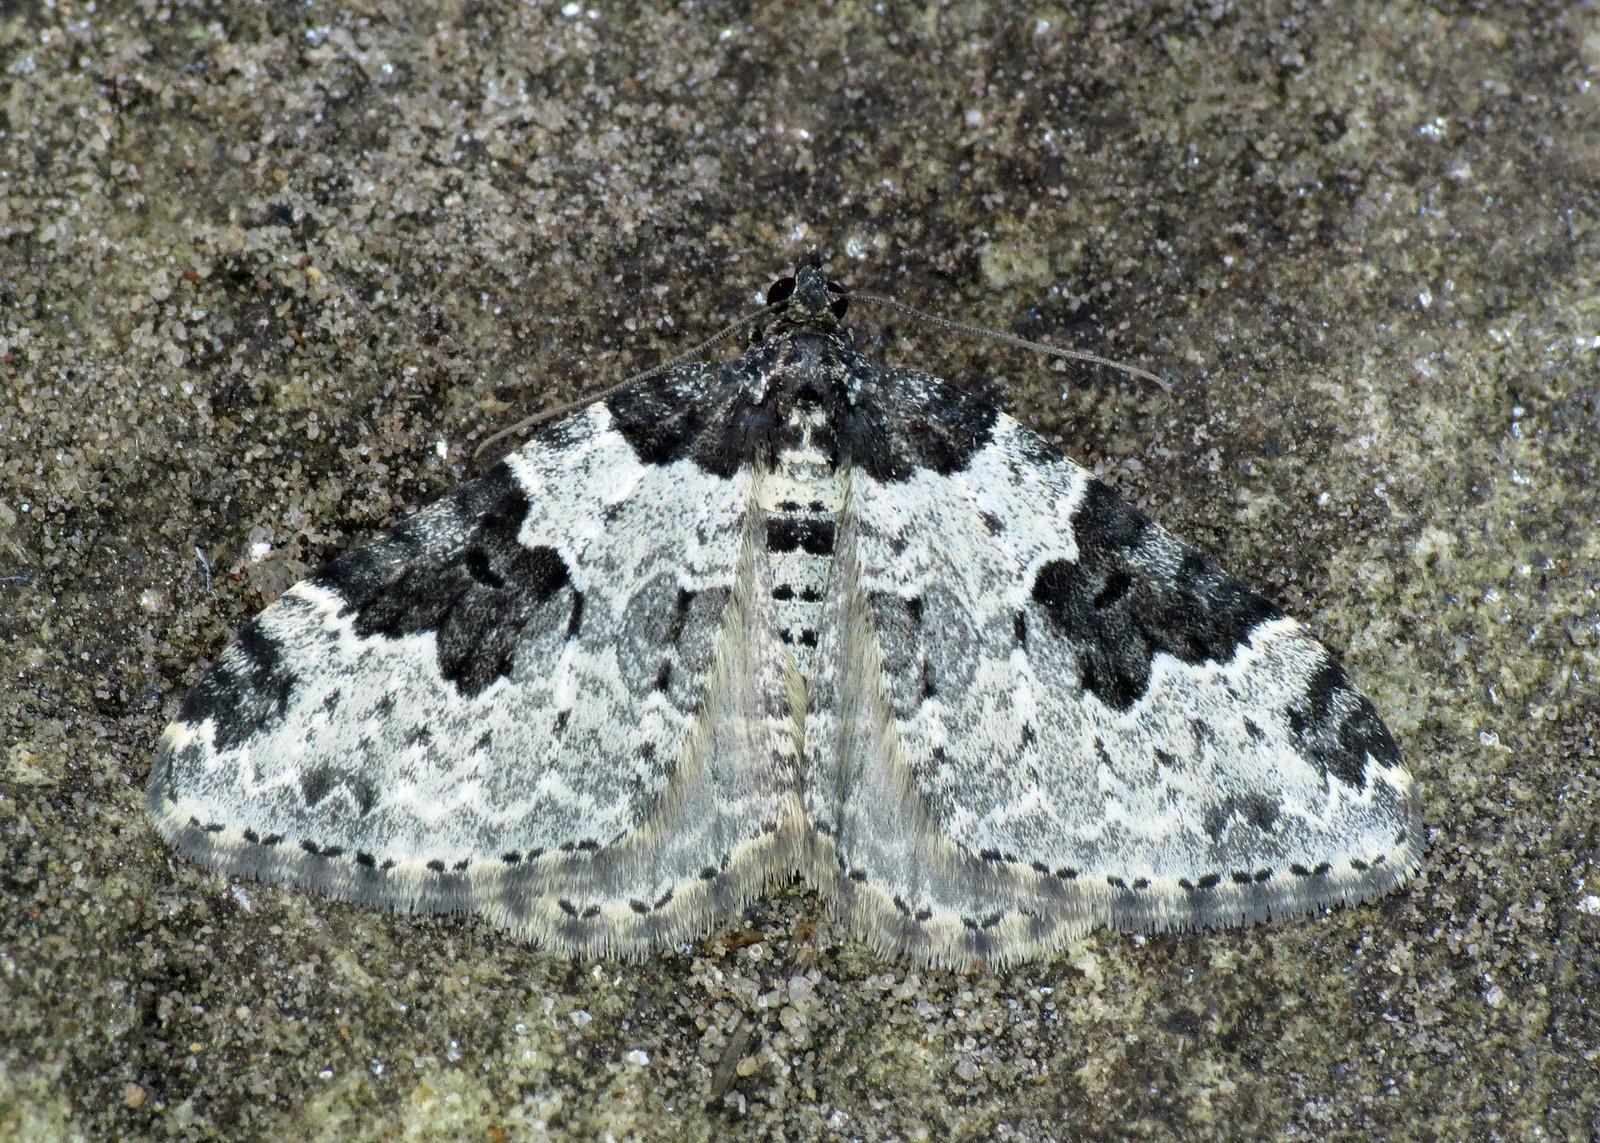 1728 Garden Carpet - Xanthorhoe fluctuata